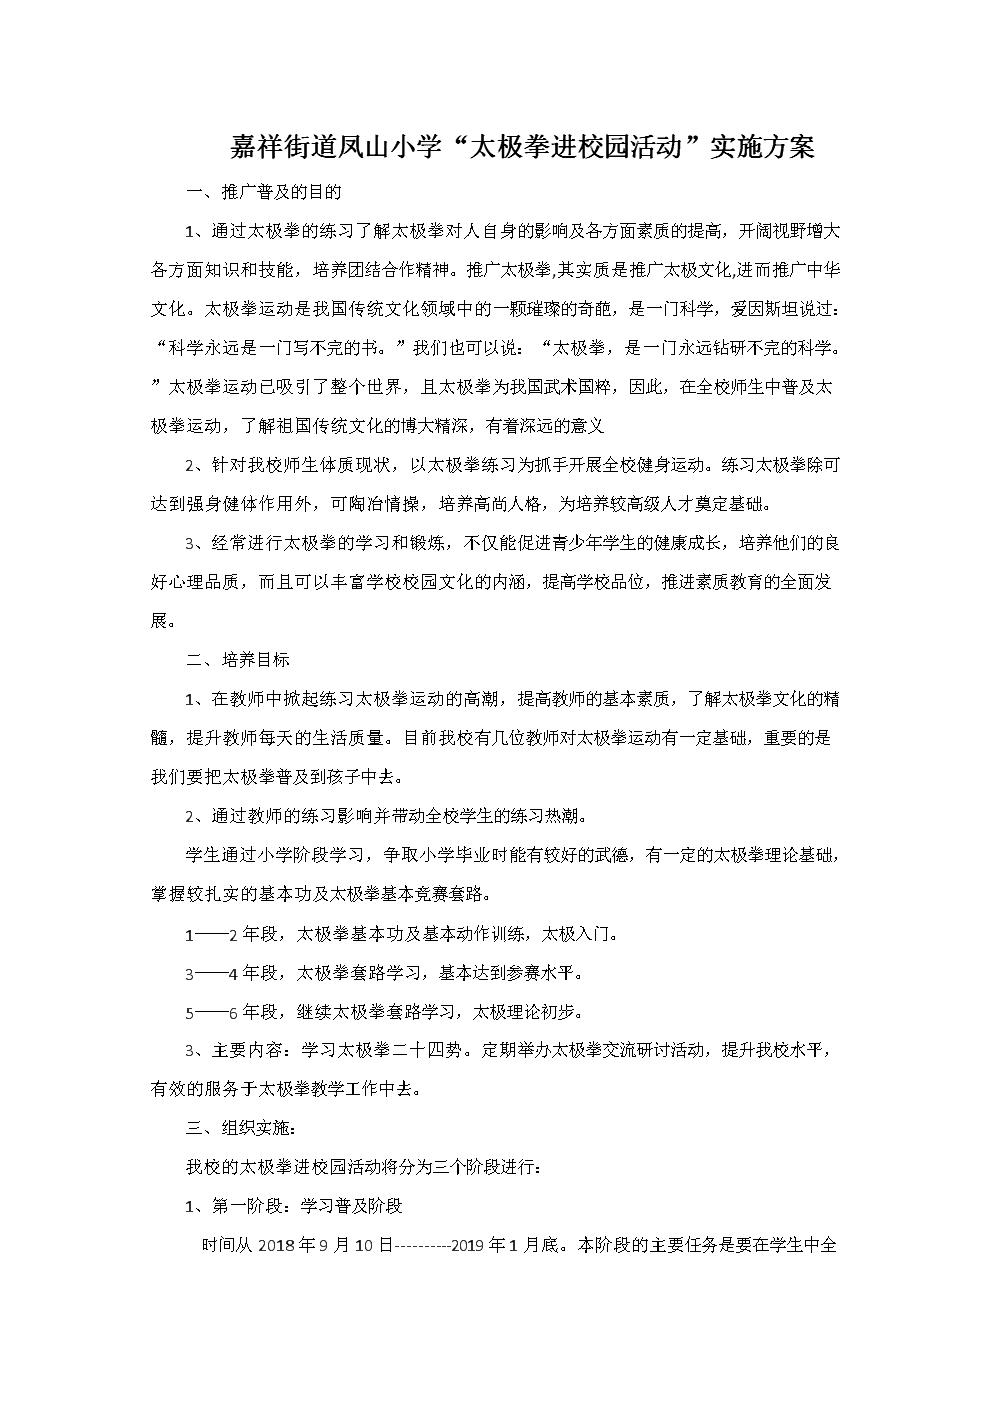 """""""太极拳进校园活动""""实施方案.doc"""